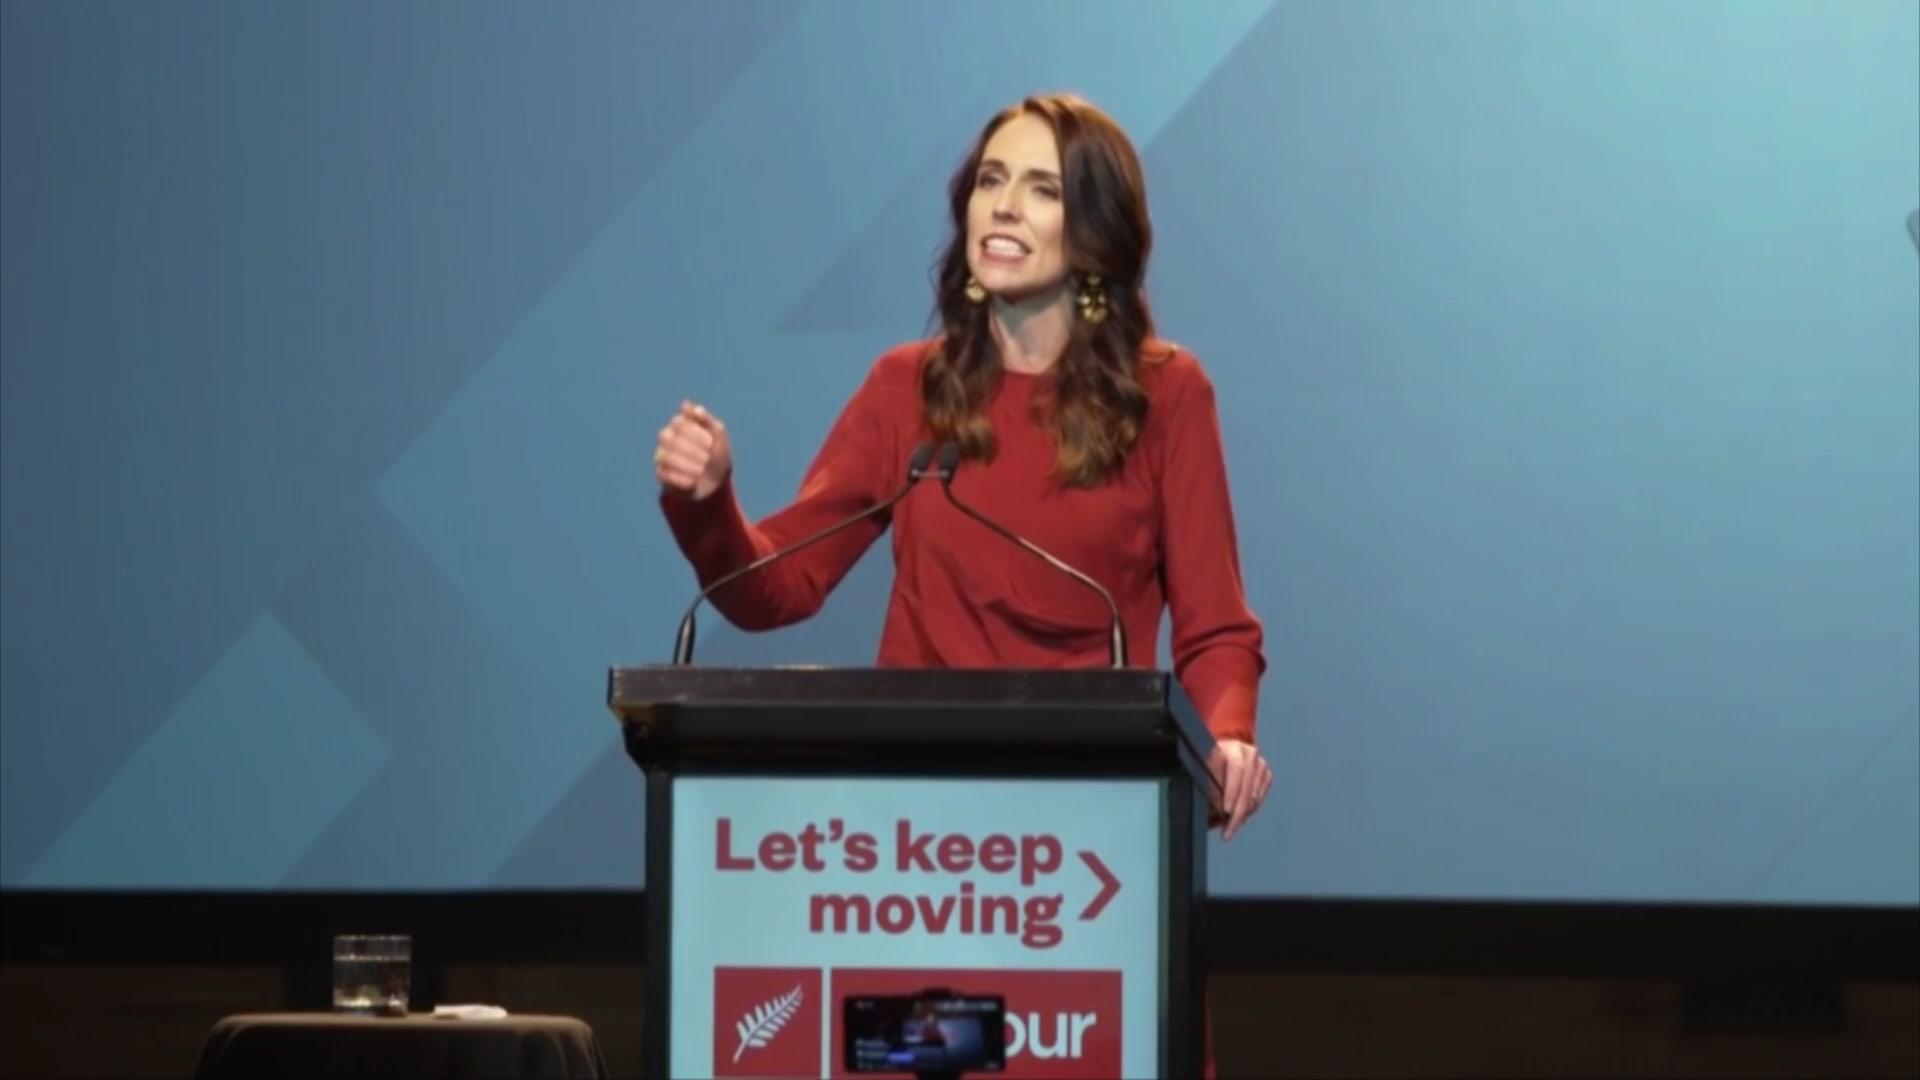 بعد فوزها بالانتخابات.. رئيسة وزراء نيوزيلندا: سنواصل محاربة فيروس كورونا